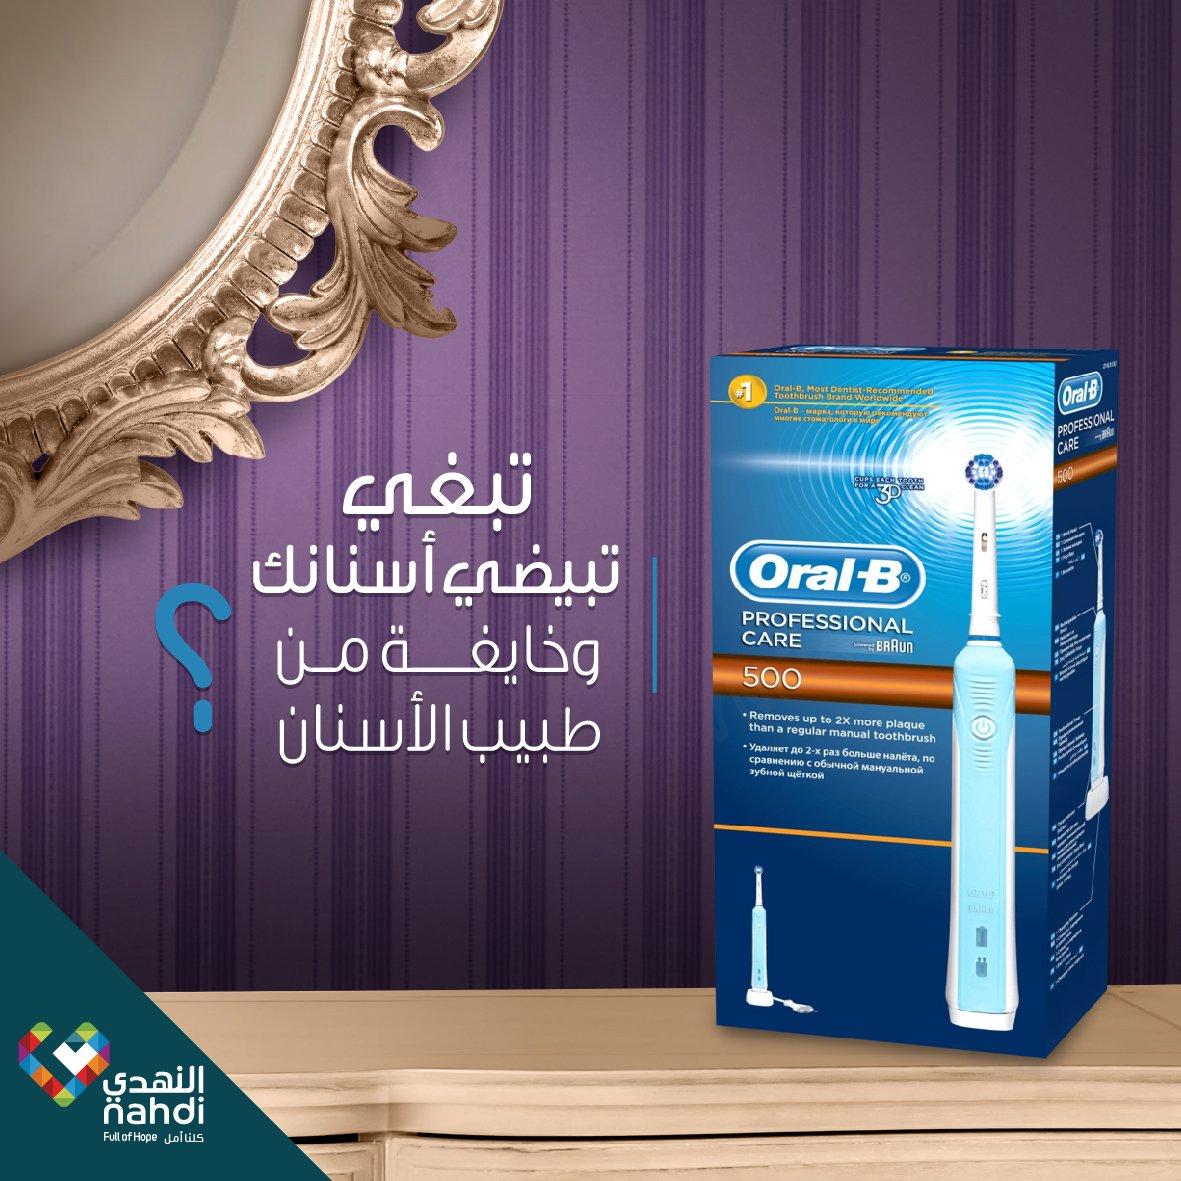 Nahdihopeさんのツイート جبنا لك الحل جهاز أورال بي بروفيشنال كير500 جهاز تنظيف مذهل لأنه ١ يجعل الأسنان بيضاء بصورة طبيعية لاتنسي نفسك 1 2